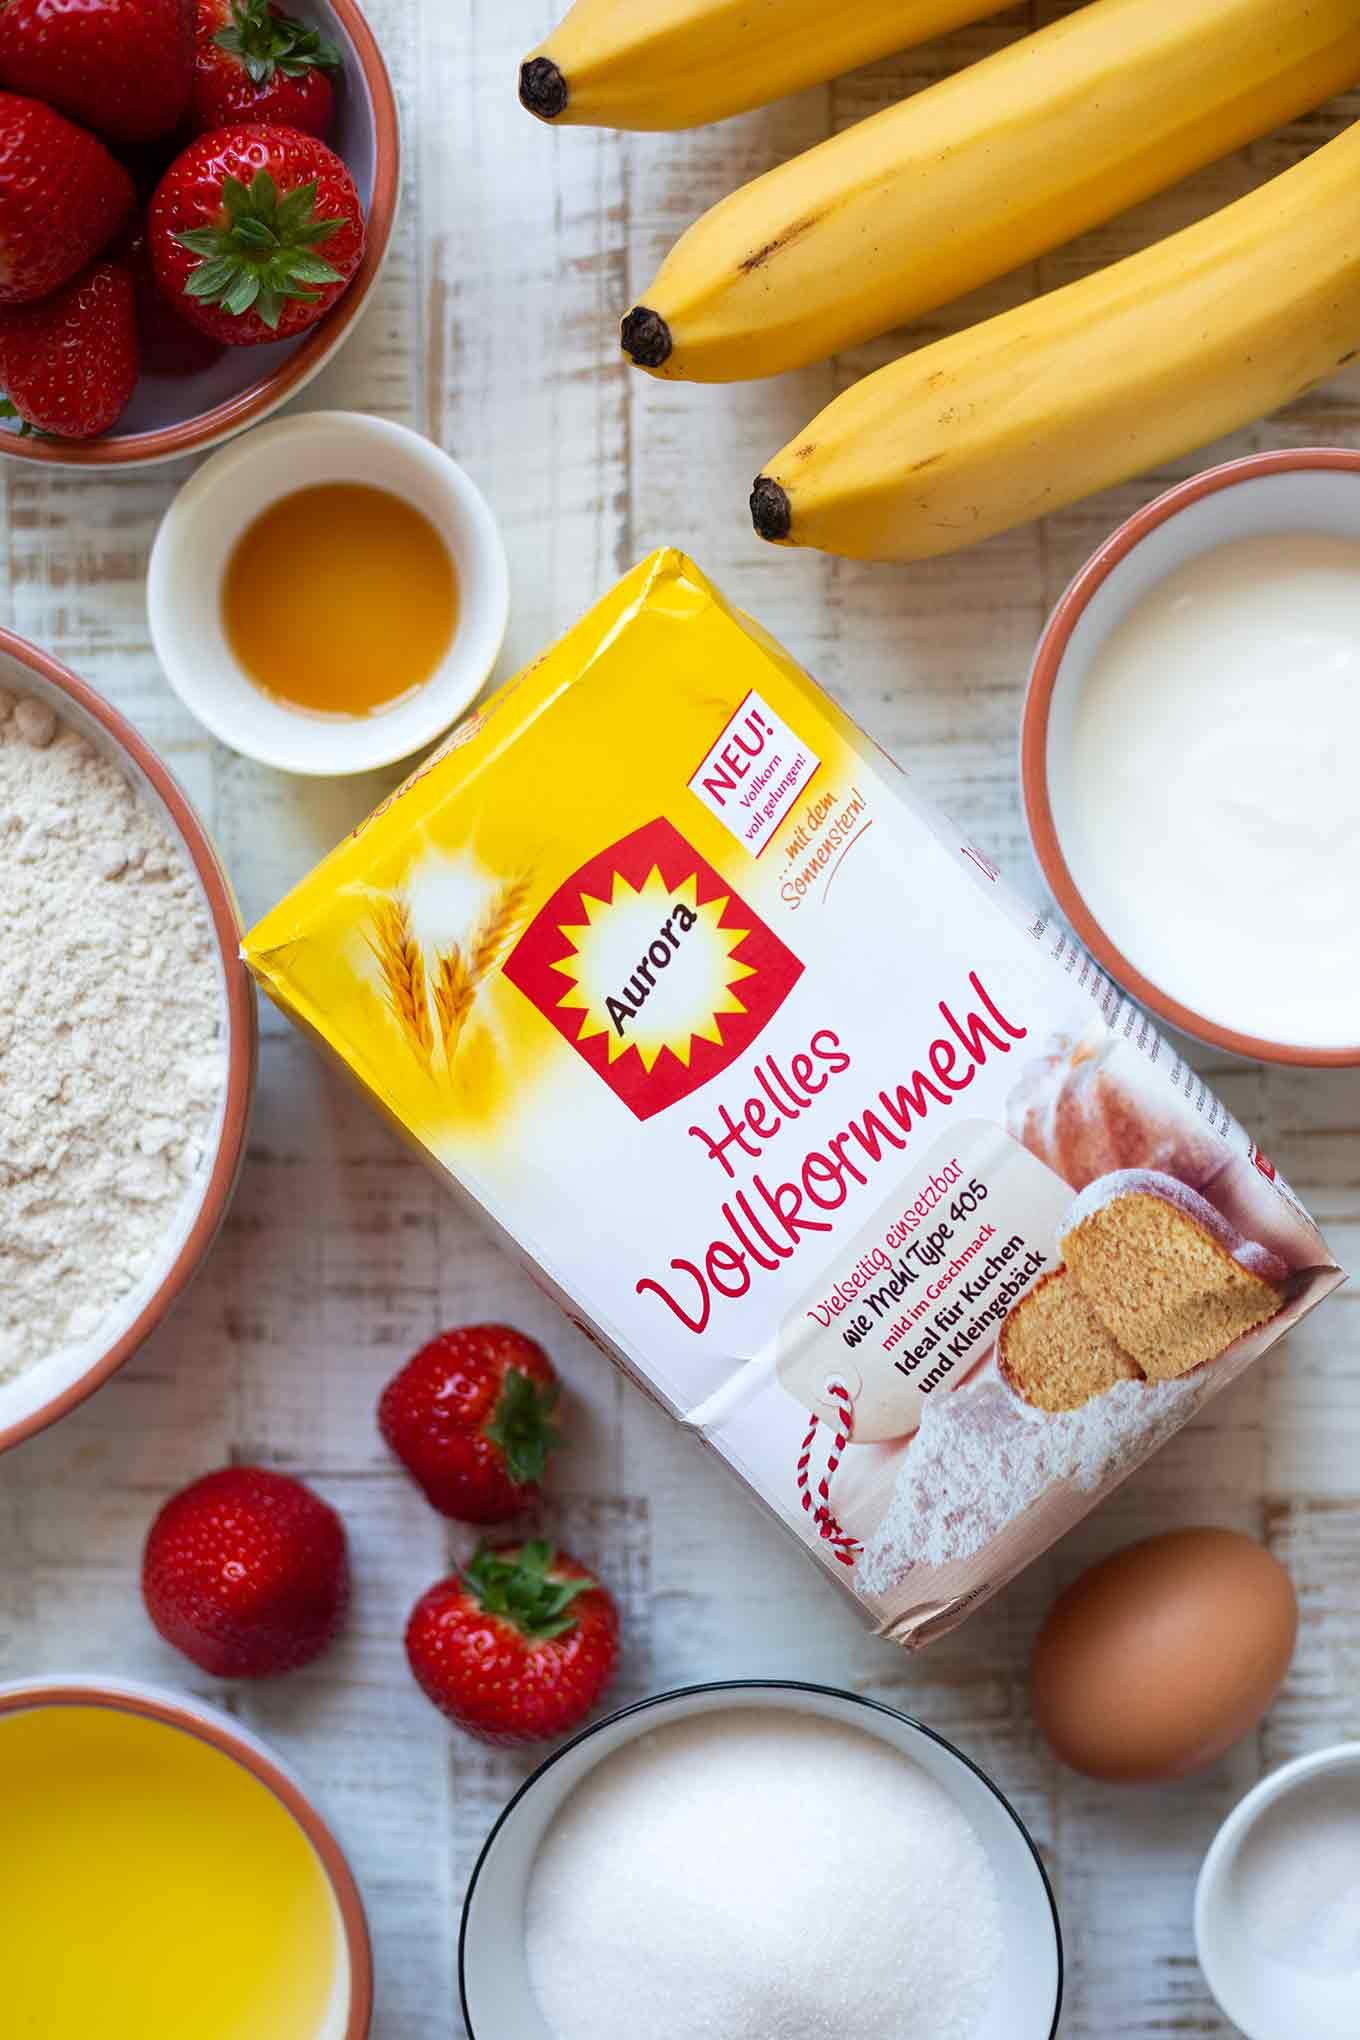 Werbung. Einfaches, super saftiges Erdbeer-Bananenbrot. Dieses schnelle Rezept ist gesünder, natürlich süß und auch perfekt für Kinder! So gut! - Kochkarussell.com #rezept #backen #bananenbrot #vollkornmehl